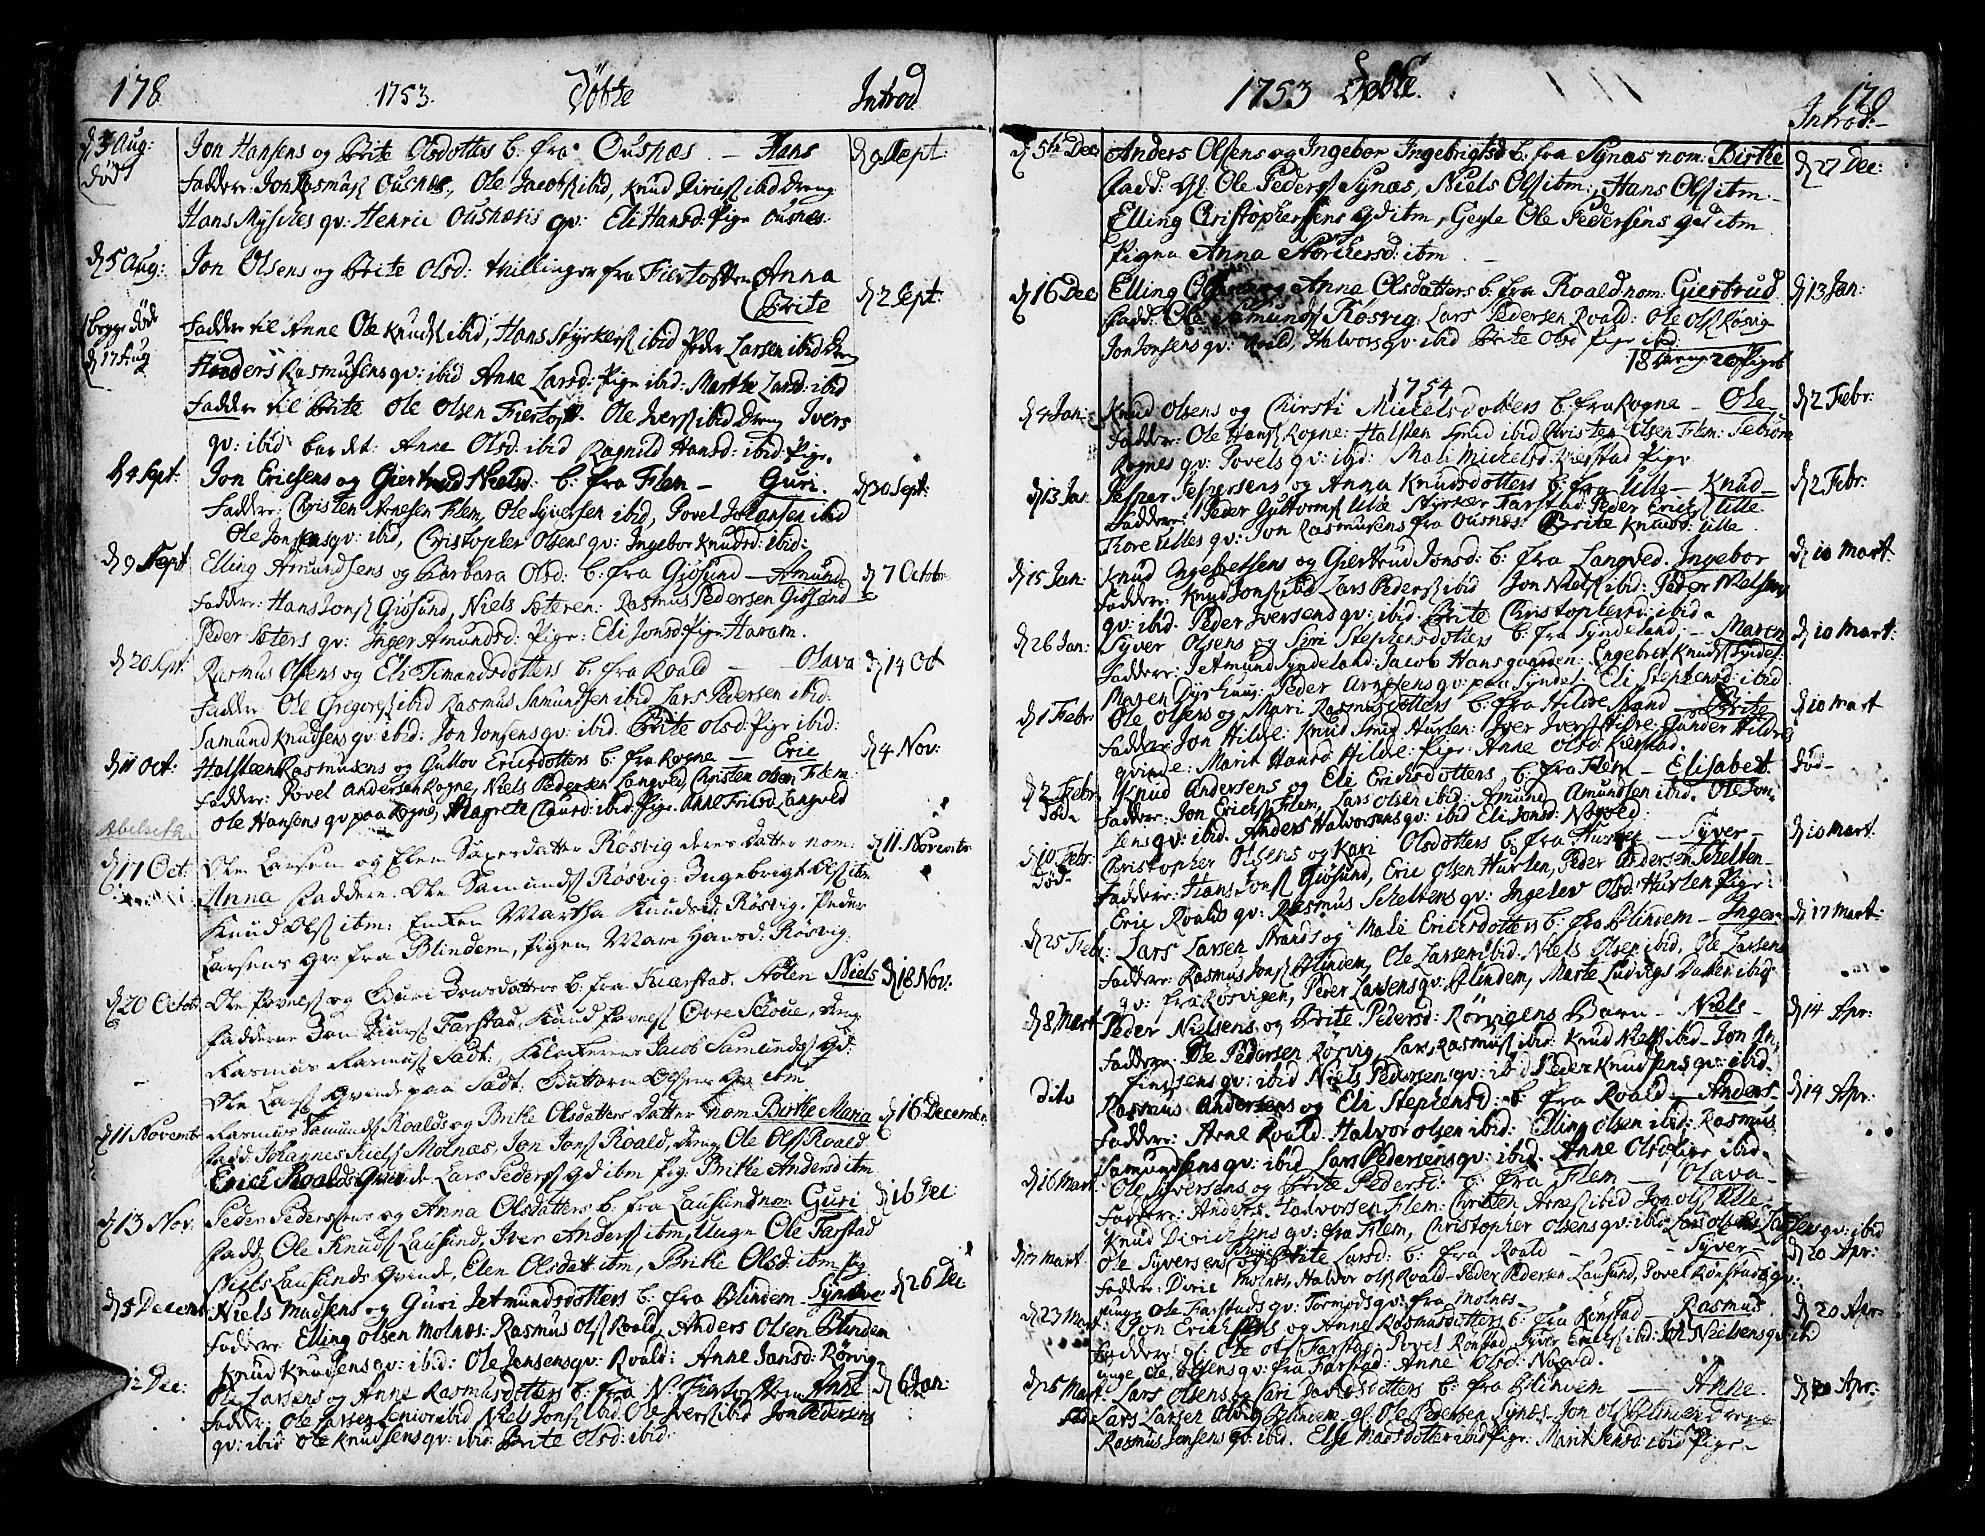 SAT, Ministerialprotokoller, klokkerbøker og fødselsregistre - Møre og Romsdal, 536/L0493: Ministerialbok nr. 536A02, 1739-1802, s. 178-179